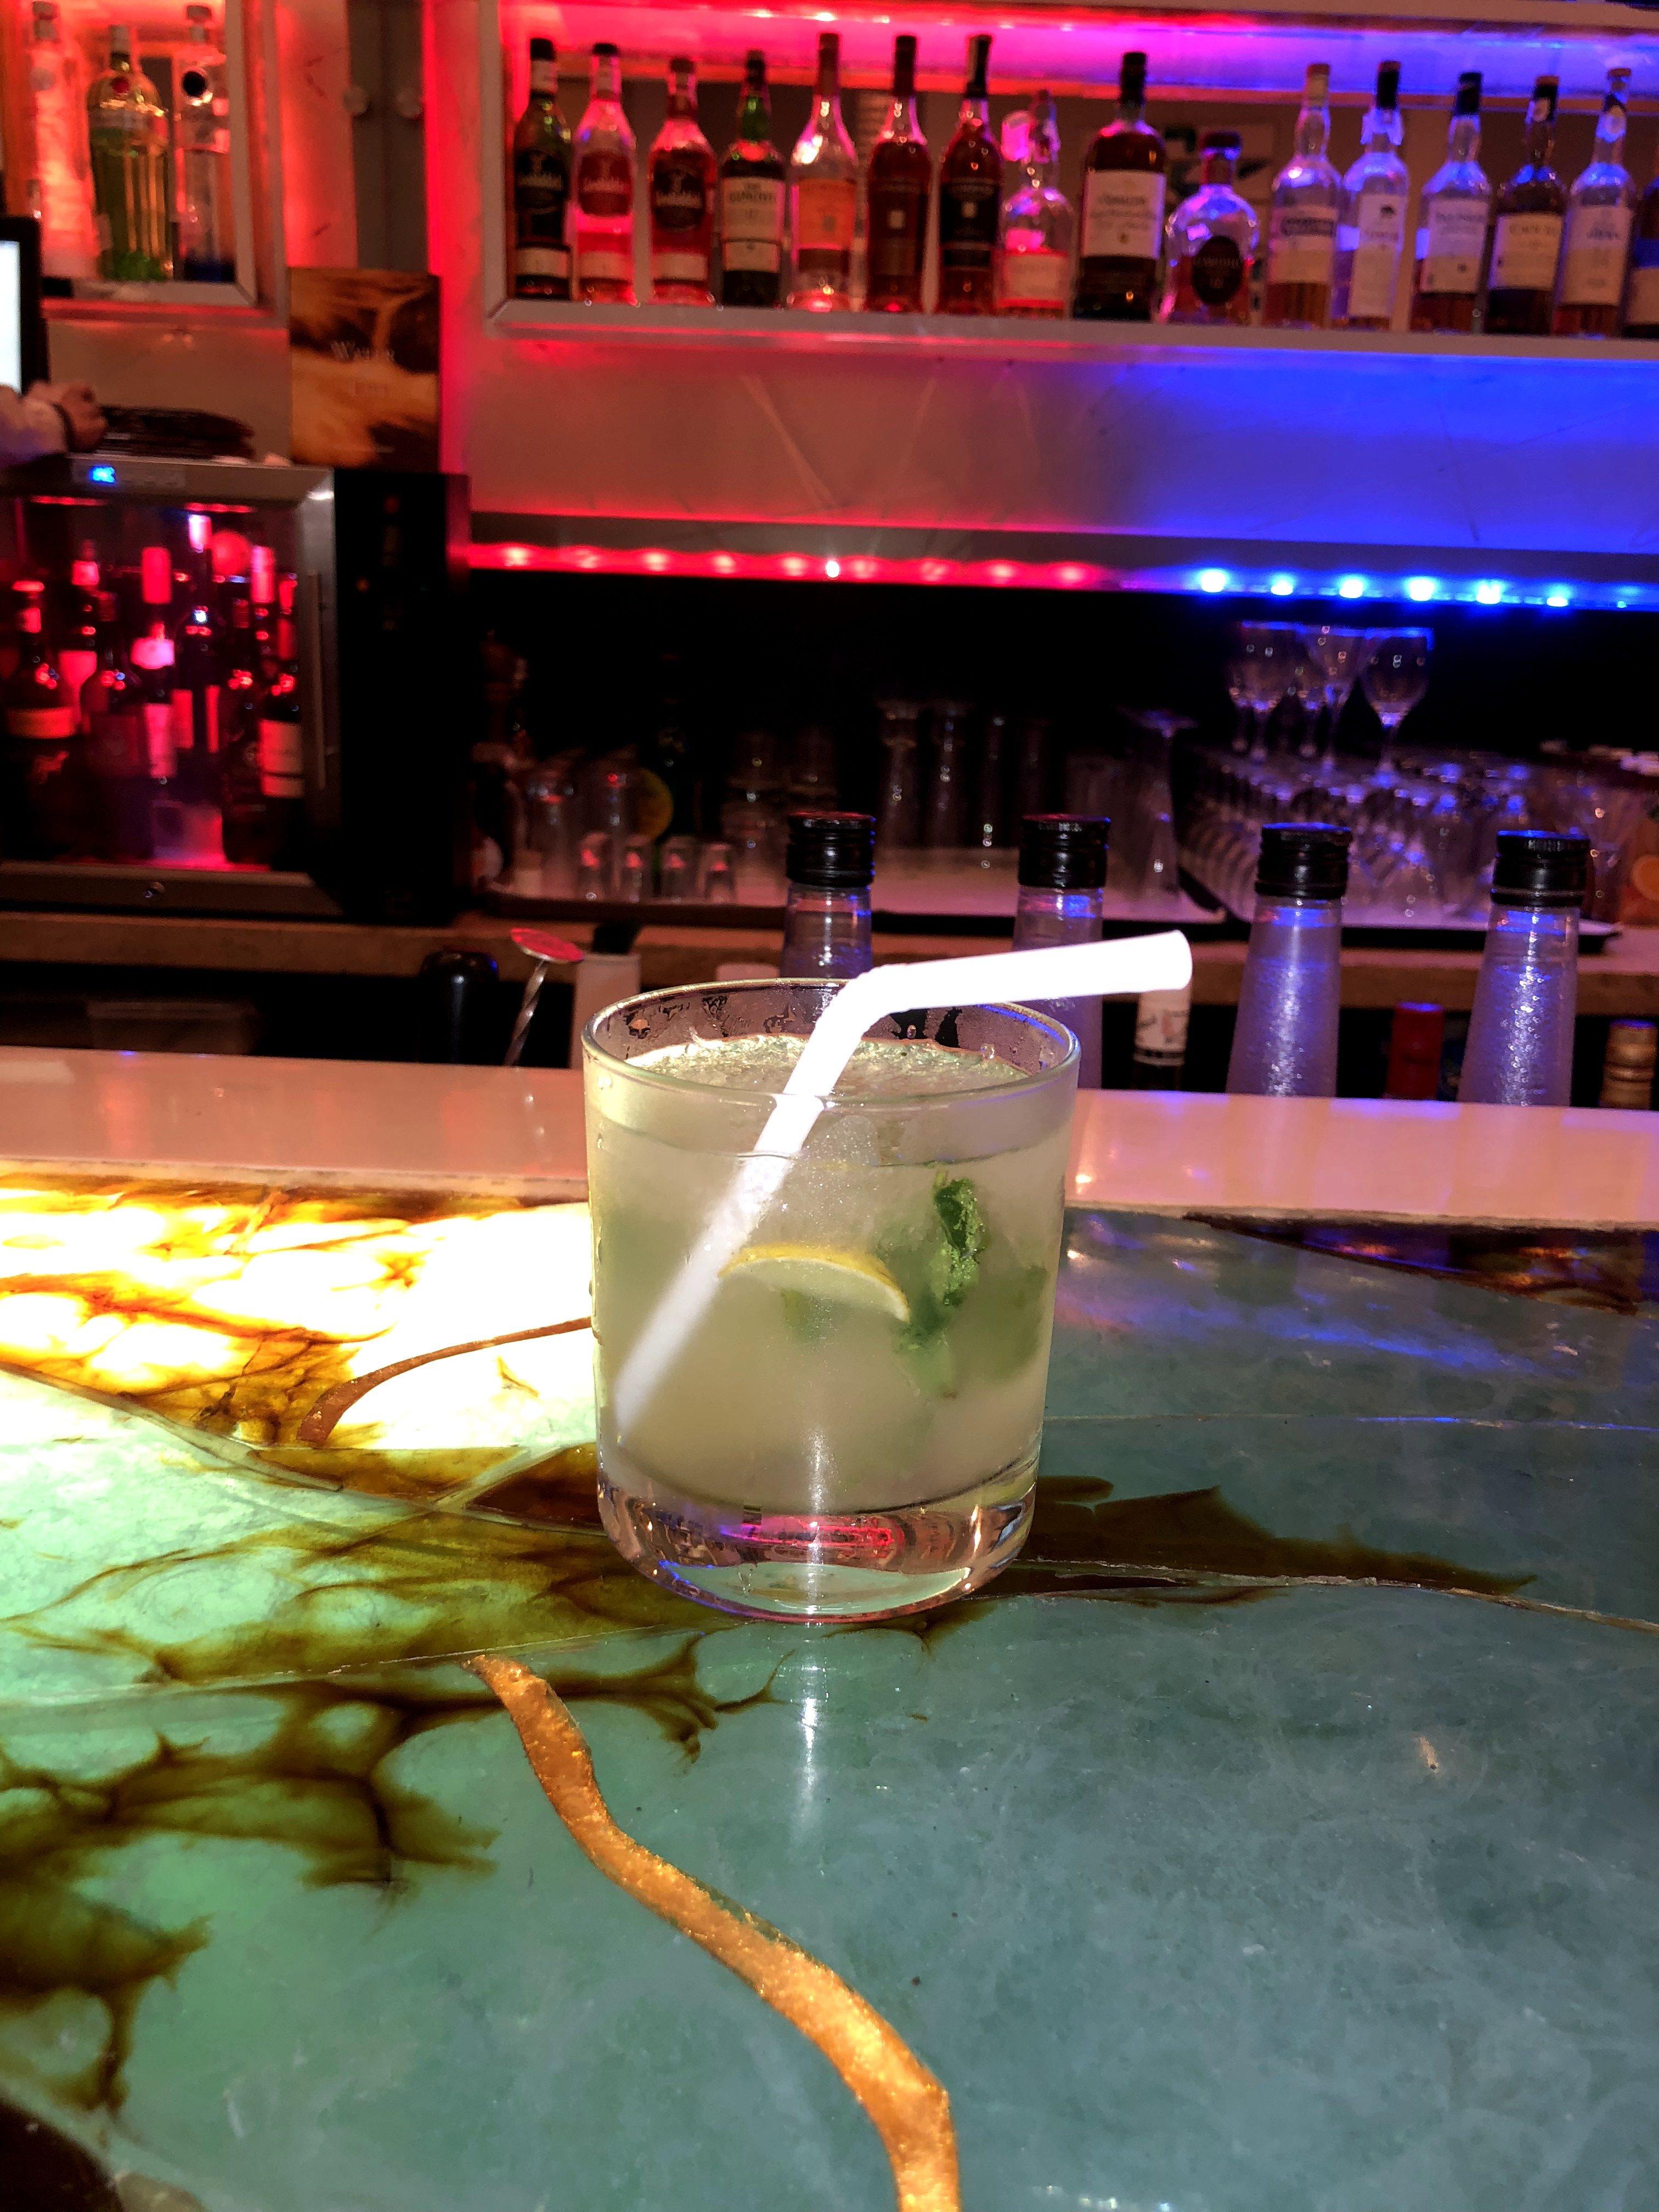 Mojito at the Meluha Hotel bar